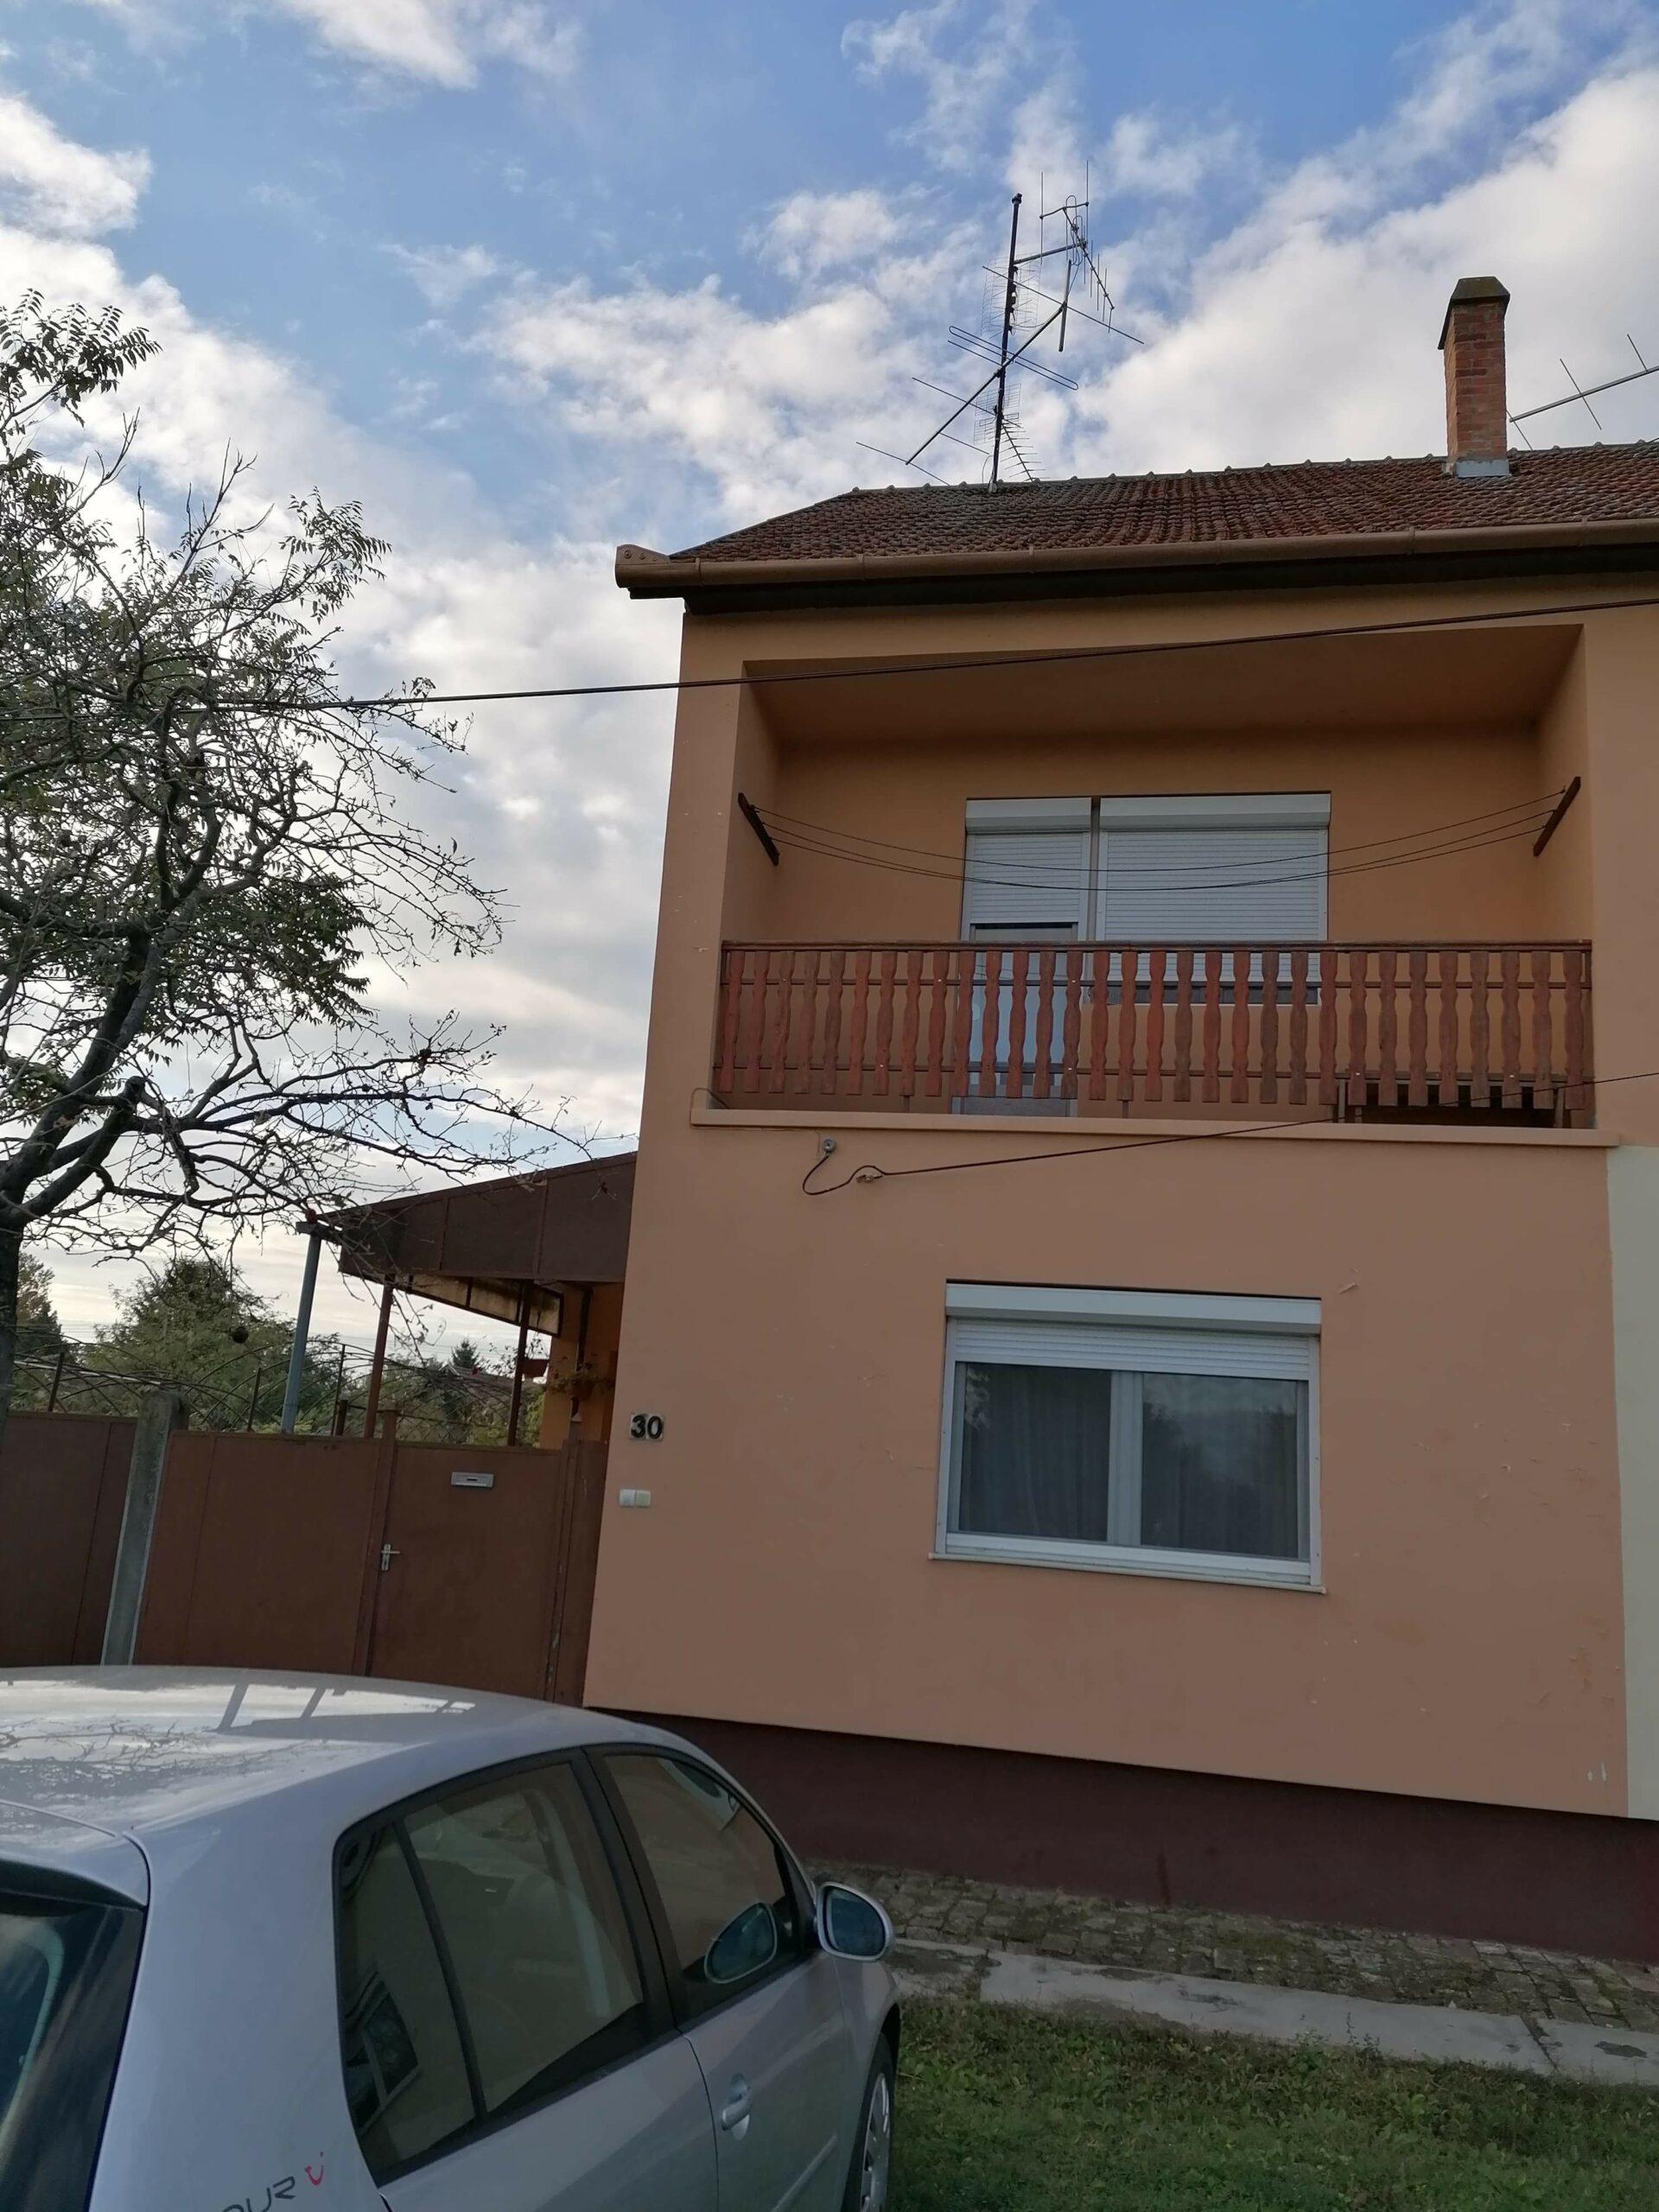 Csanádpalotán, nagyon igényes 2 szintes, hőszigetelt családi ház Eladó.